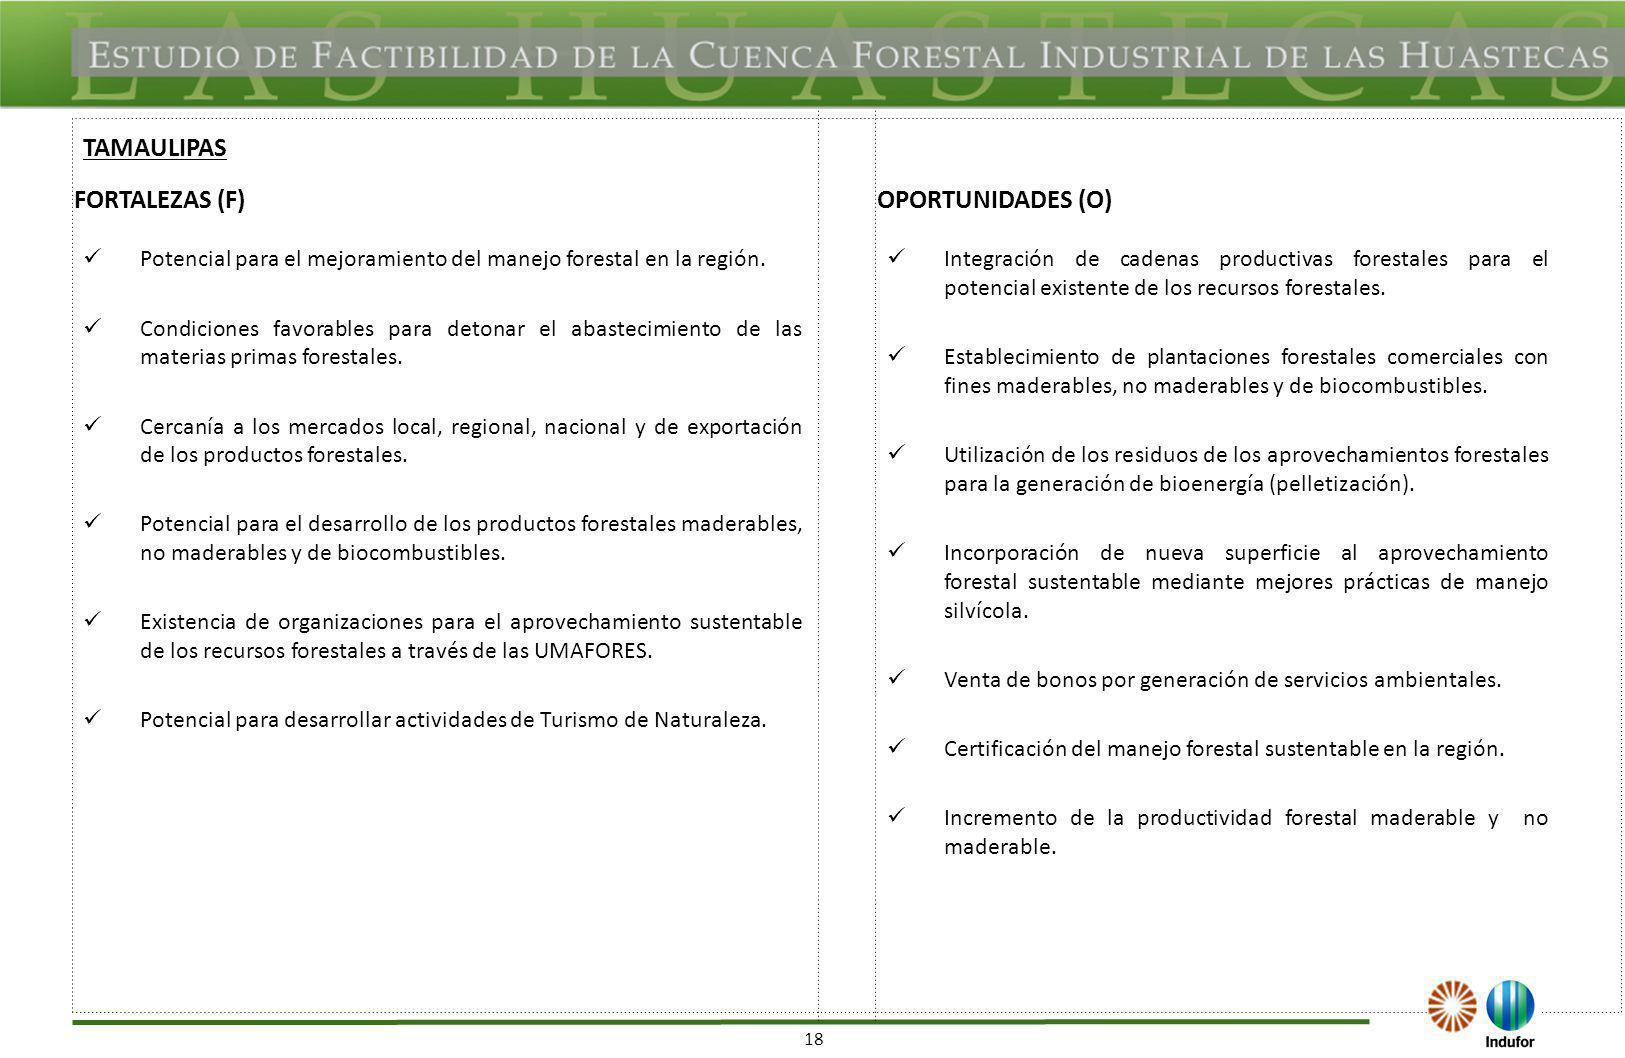 DEBILIDADES (D) AMENAZAS (A)